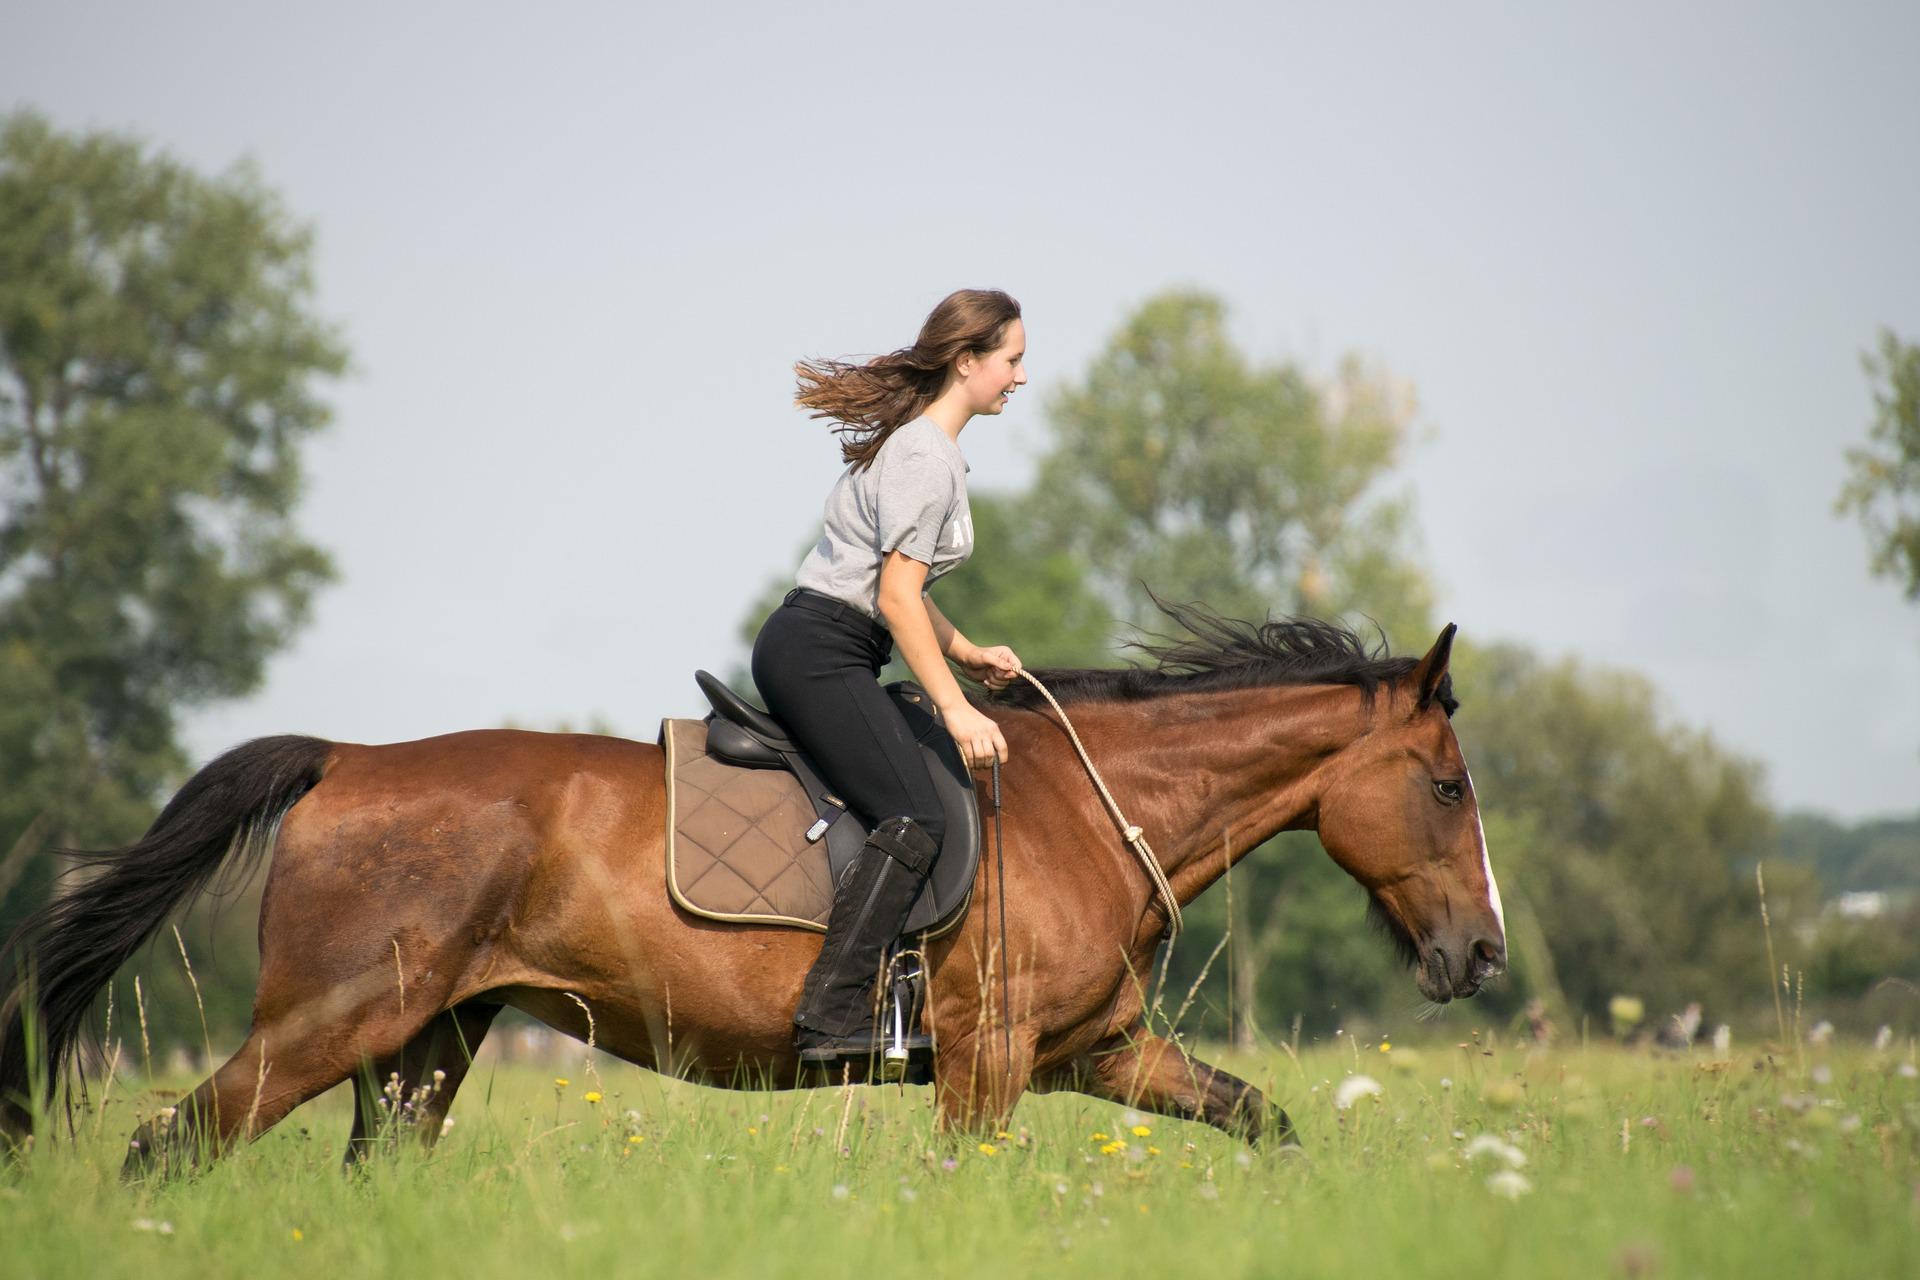 Meine Freundin hat ein Pferd – hilfreiche Tipps aus einer glücklichen Beziehung